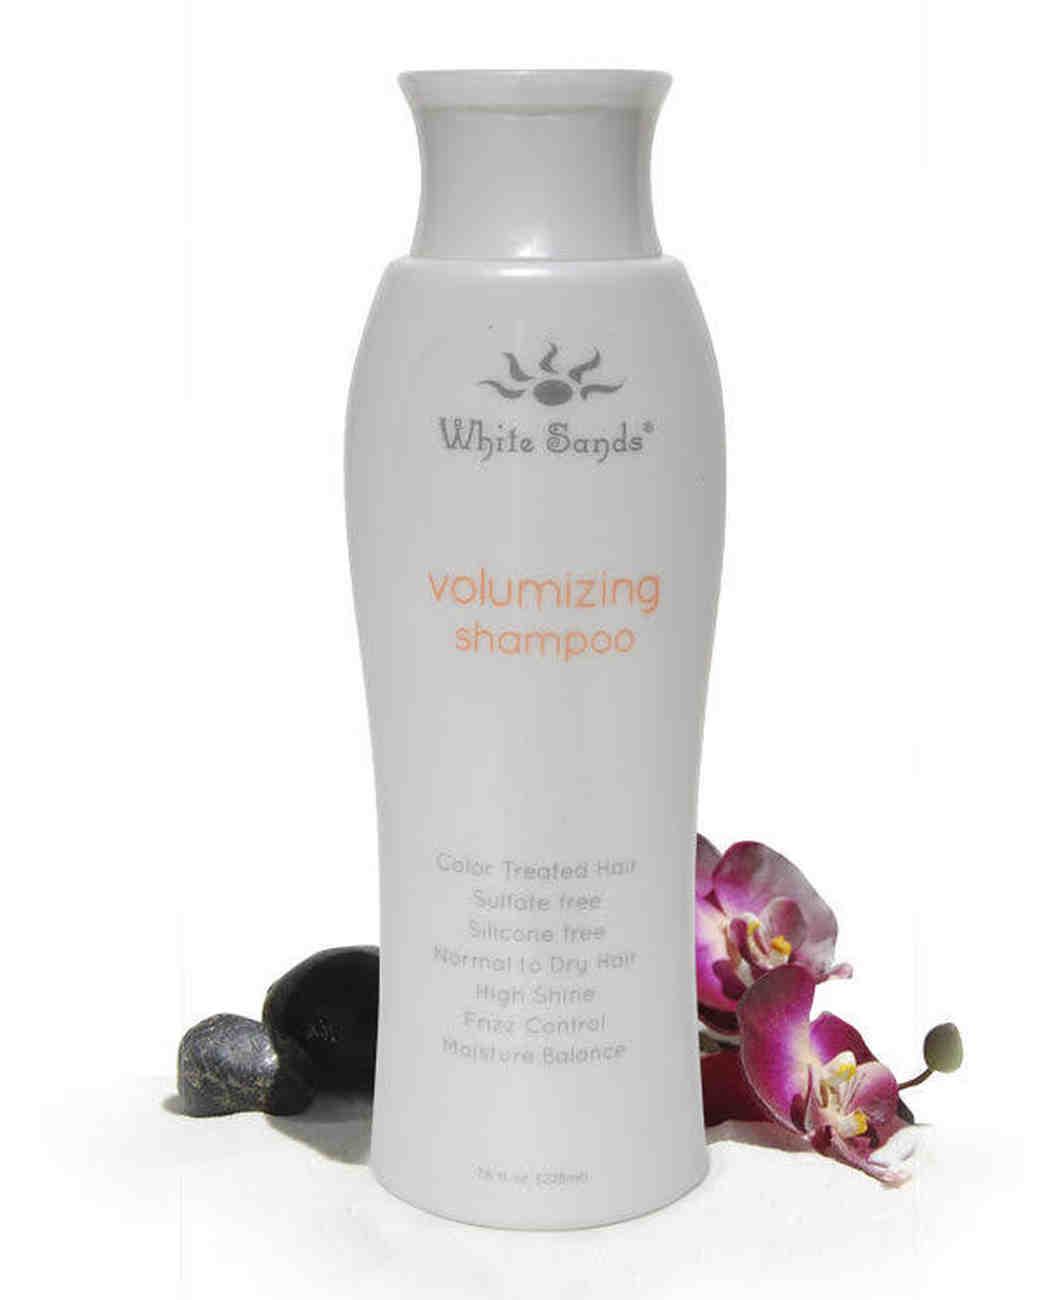 White Sands Volumizing Shampoo